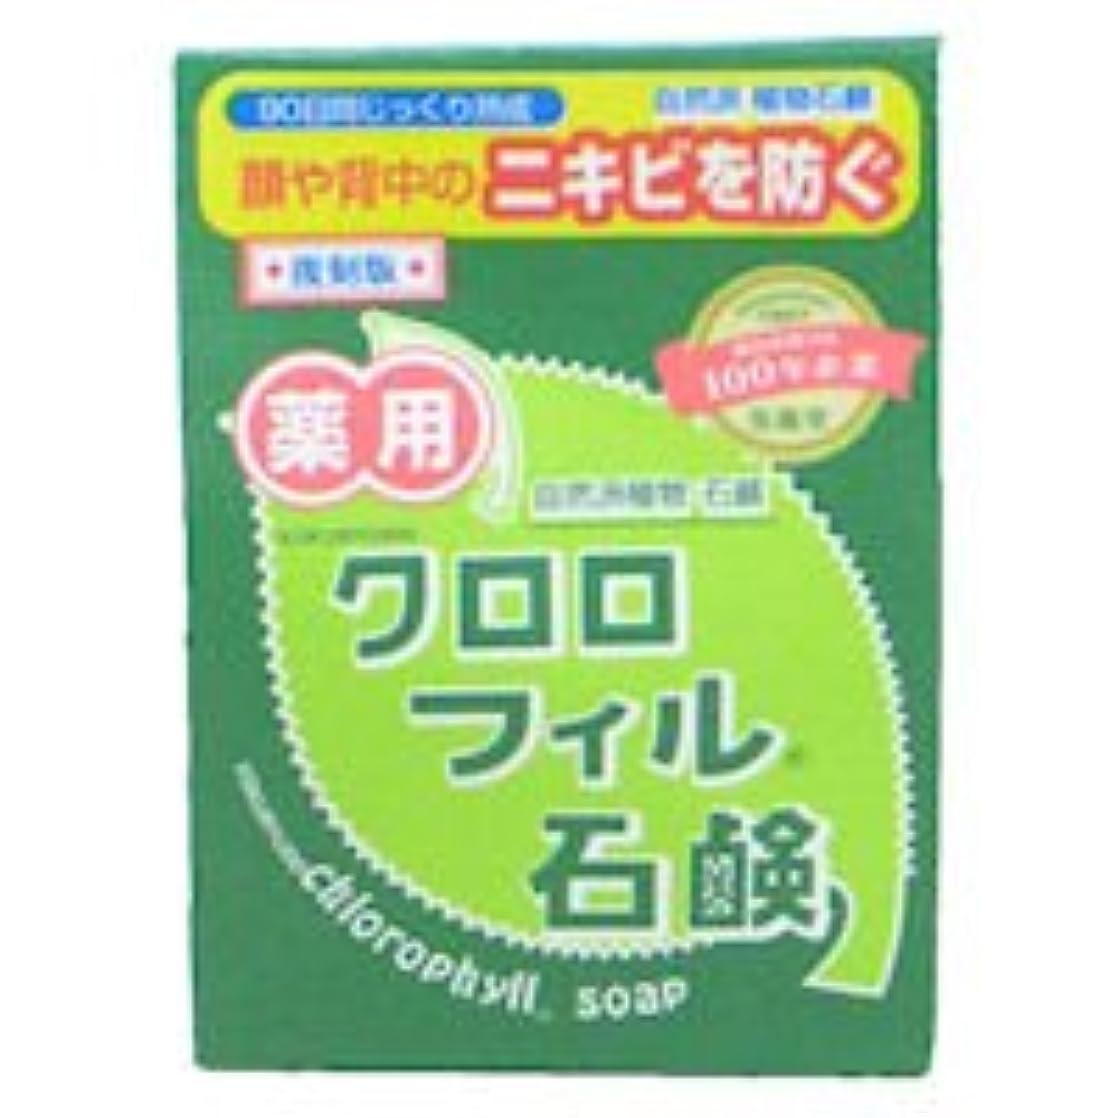 円周結婚式アルコーブ【黒龍堂】薬用 クロロフィル石鹸 85g